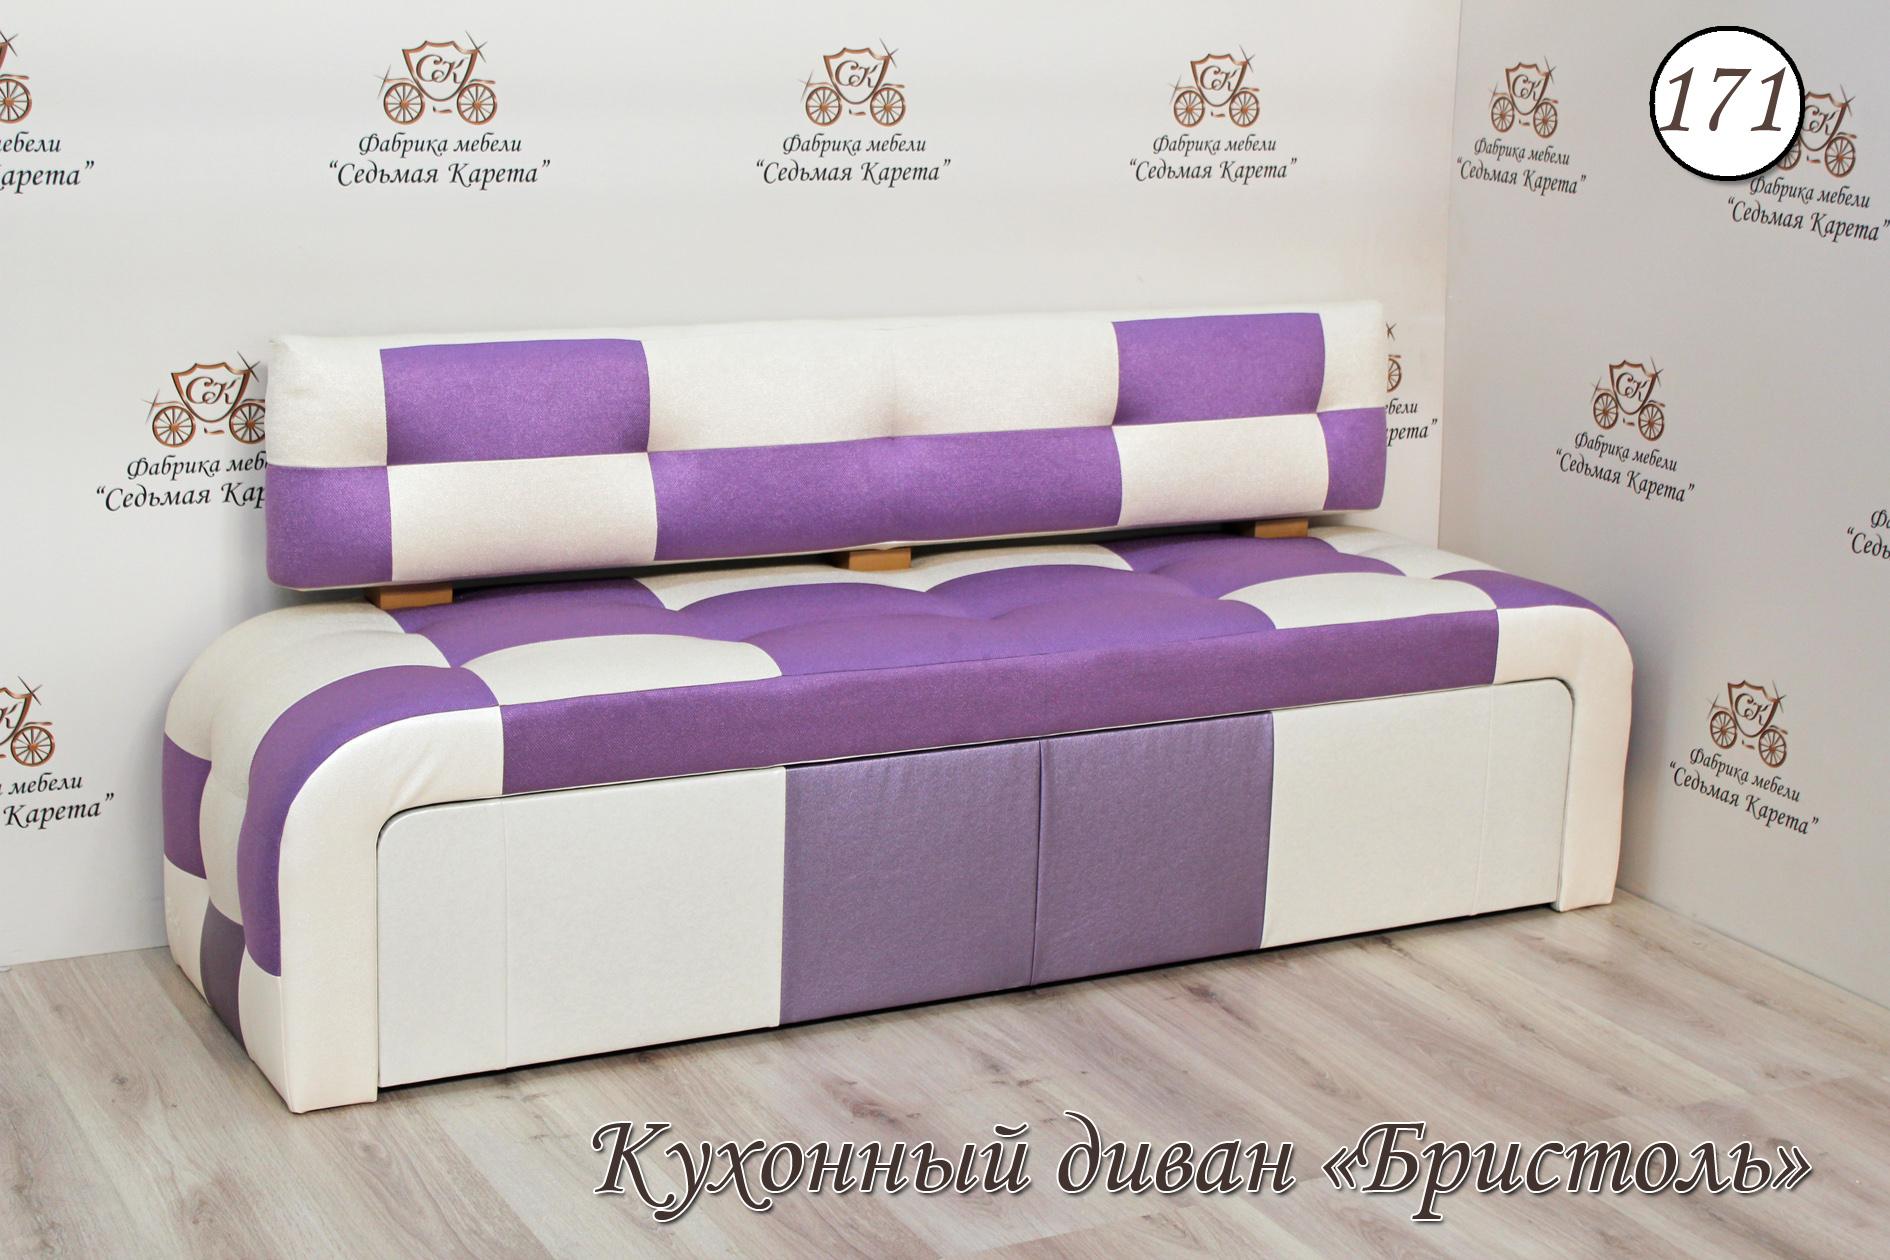 Кухонный диван Бристоль-164